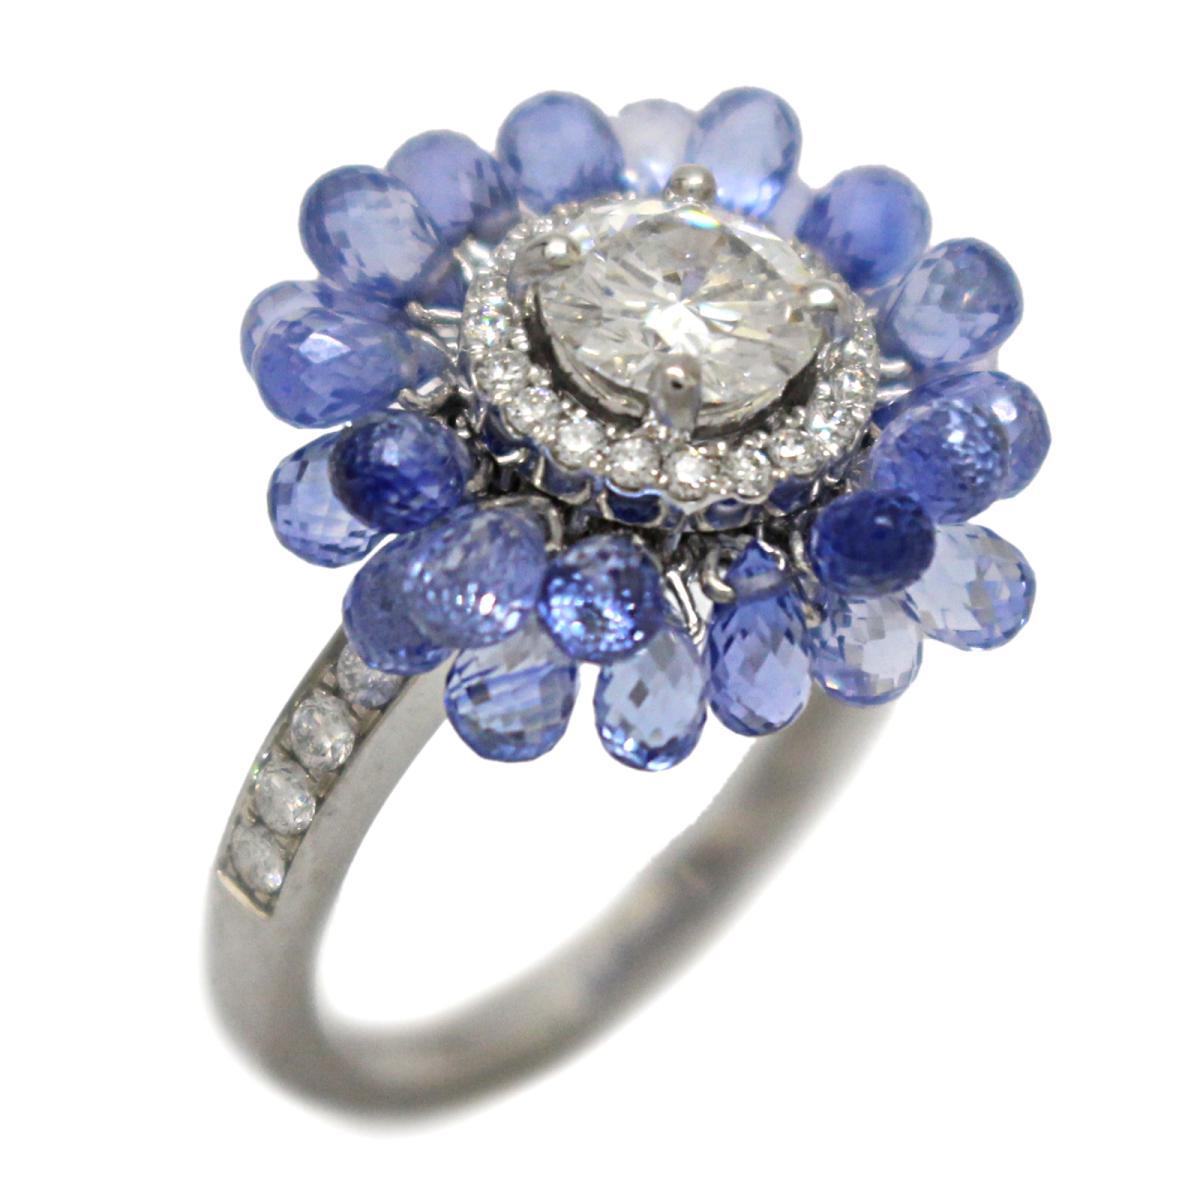 【中古】 ジュエリー ダイヤモンド サファイア リング 指輪 レディース K18WG (750) ホワイトゴールド x   JEWELRY BRANDOFF ブランドオフ ブランド アクセサリー